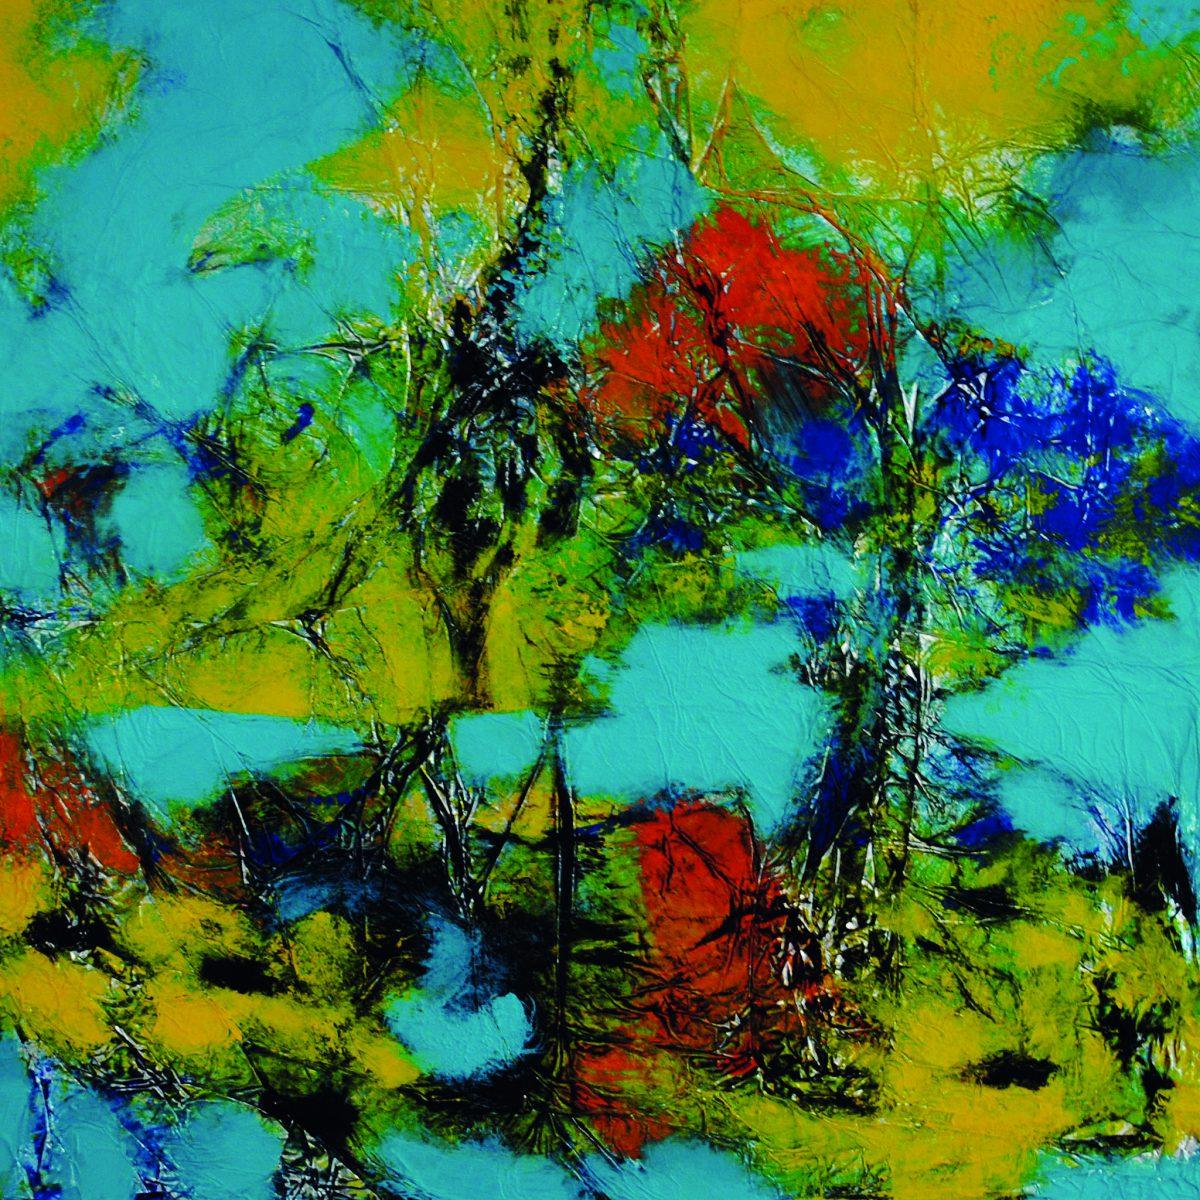 186_2013_Schoene Landschaft_Acryl auf Alufolie_40x40